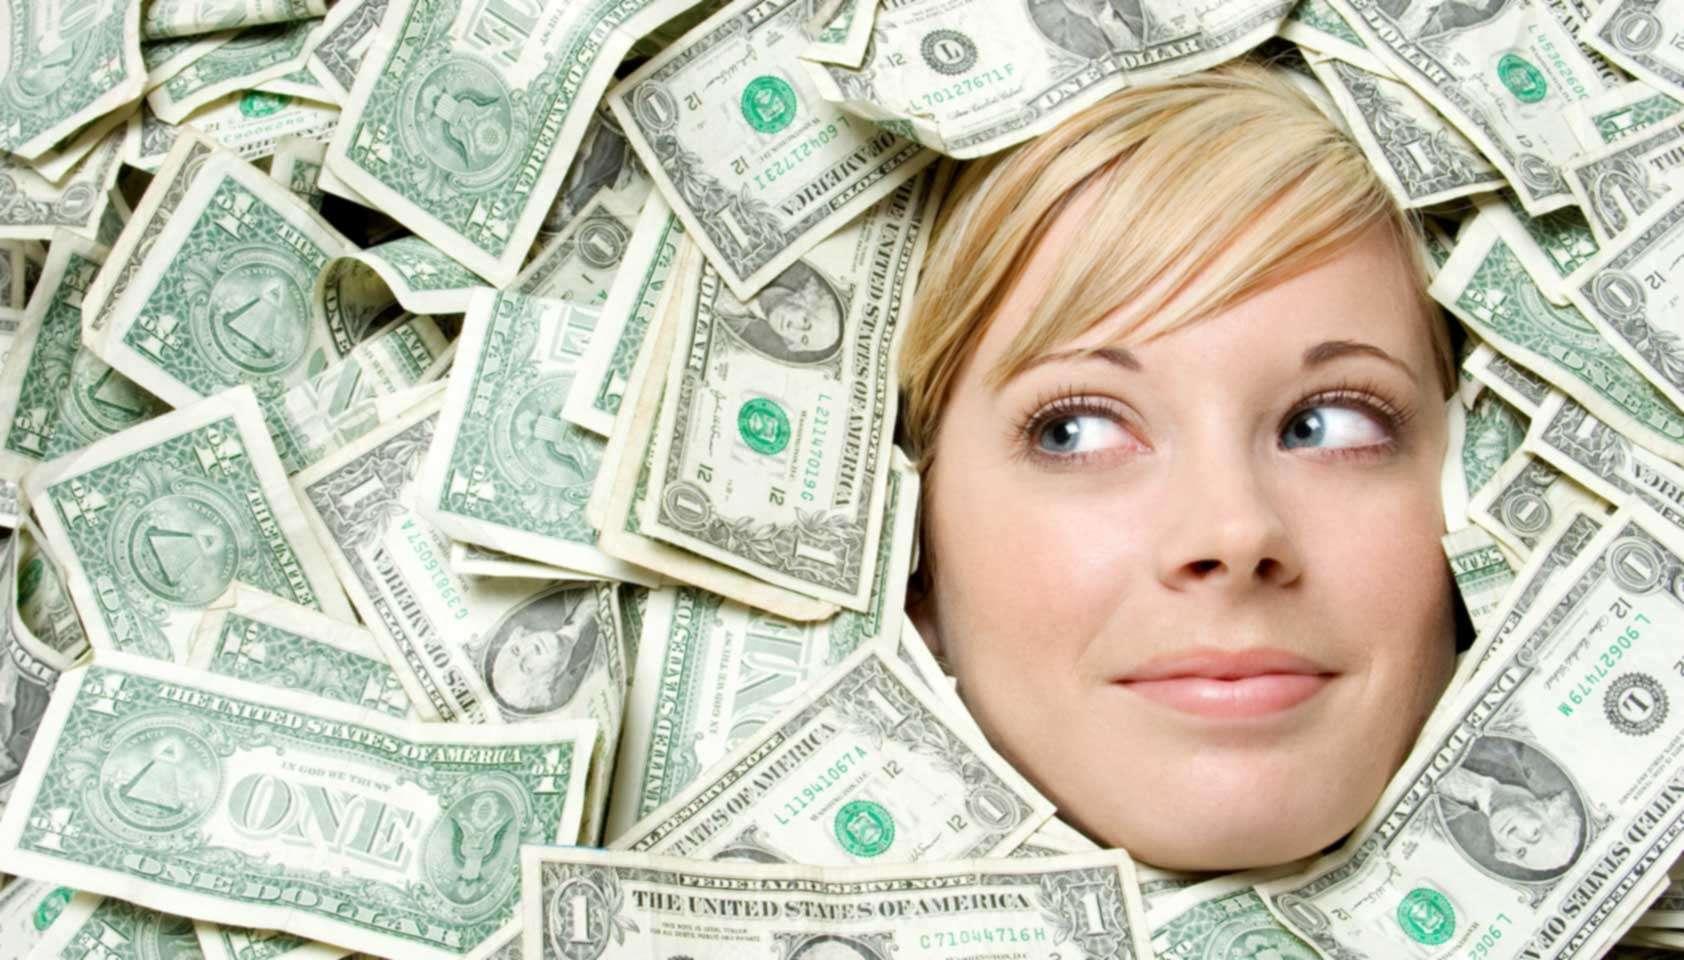 お金は循環させるエネルギーと呼ばれる真実〜お金がない人の心理について〜